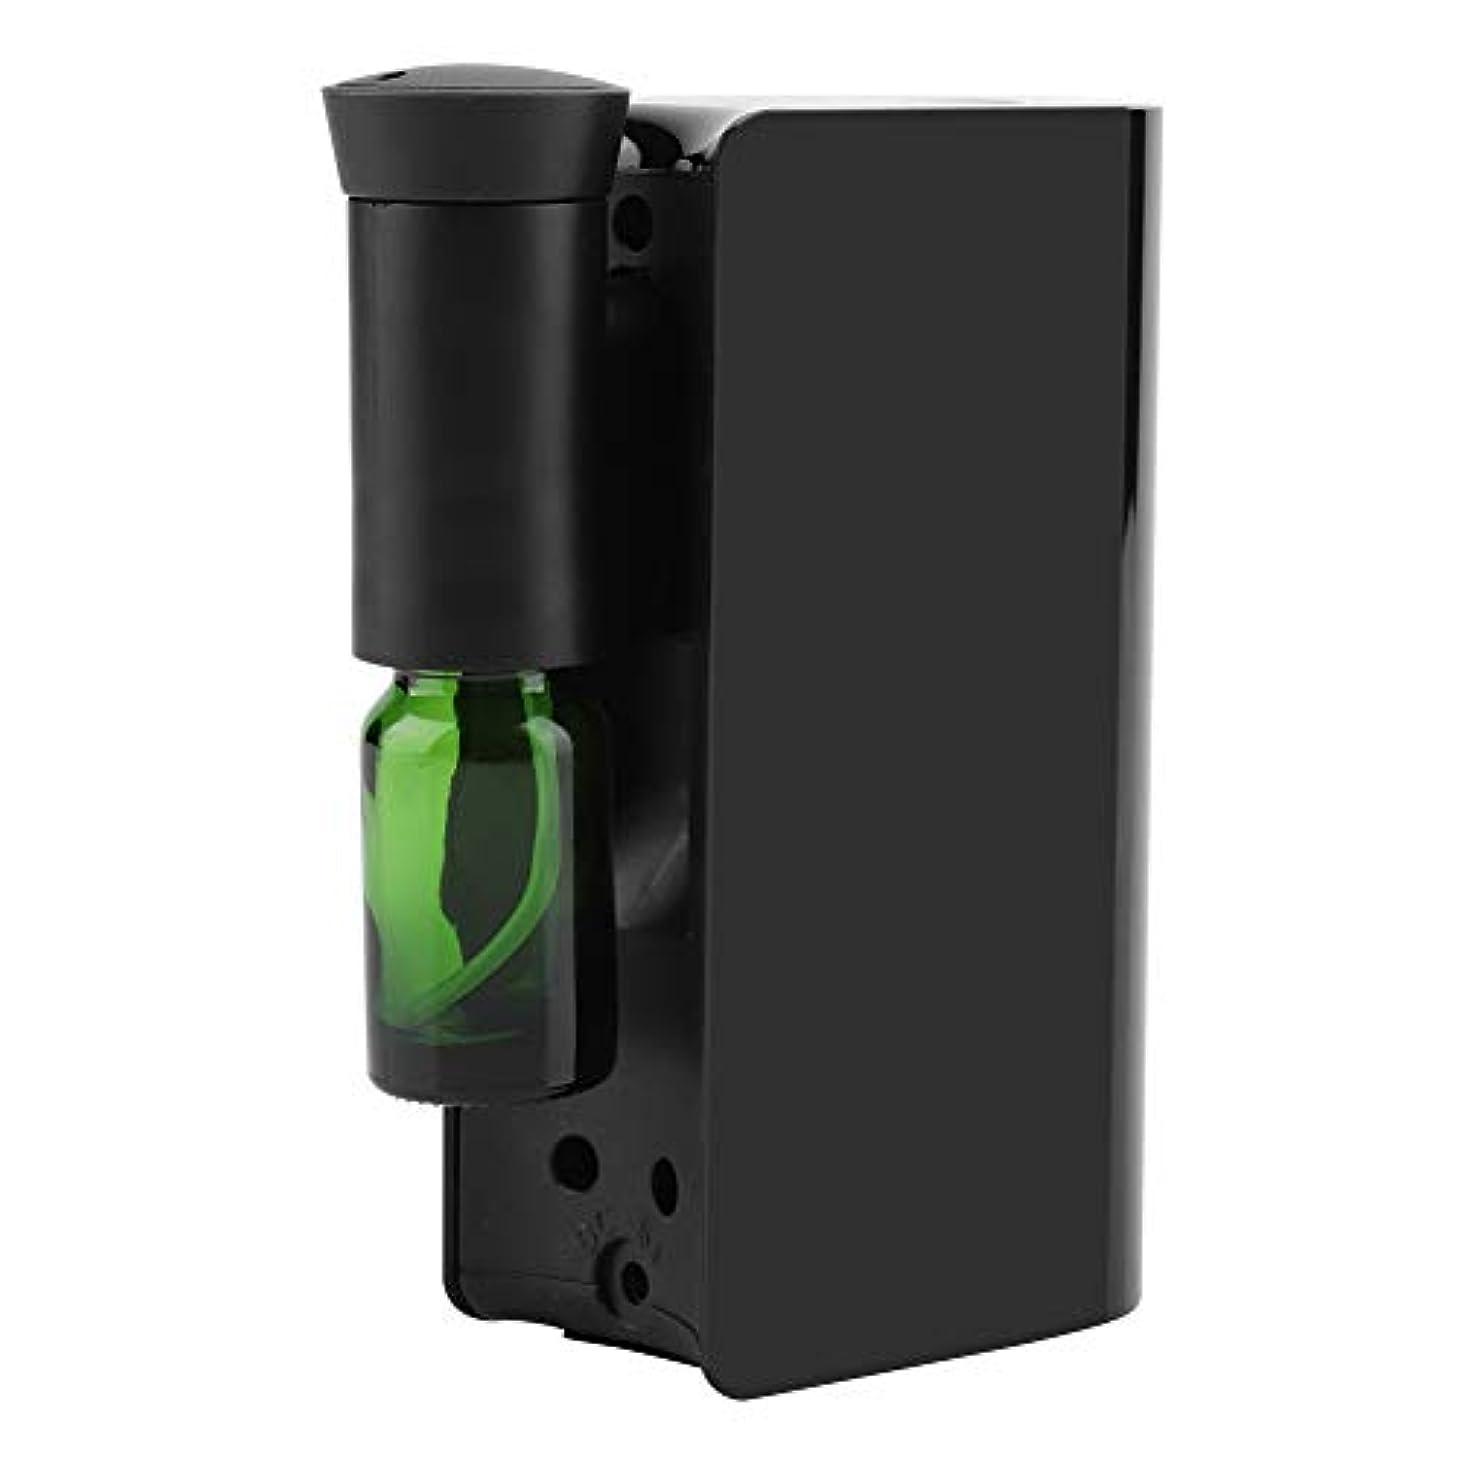 章フィードオンガイドエッセンシャルオイルディフューザー、100ml USB充電式クールミスト加湿器アロマオイル加湿器気化器アロマディフューザー(ブラック)